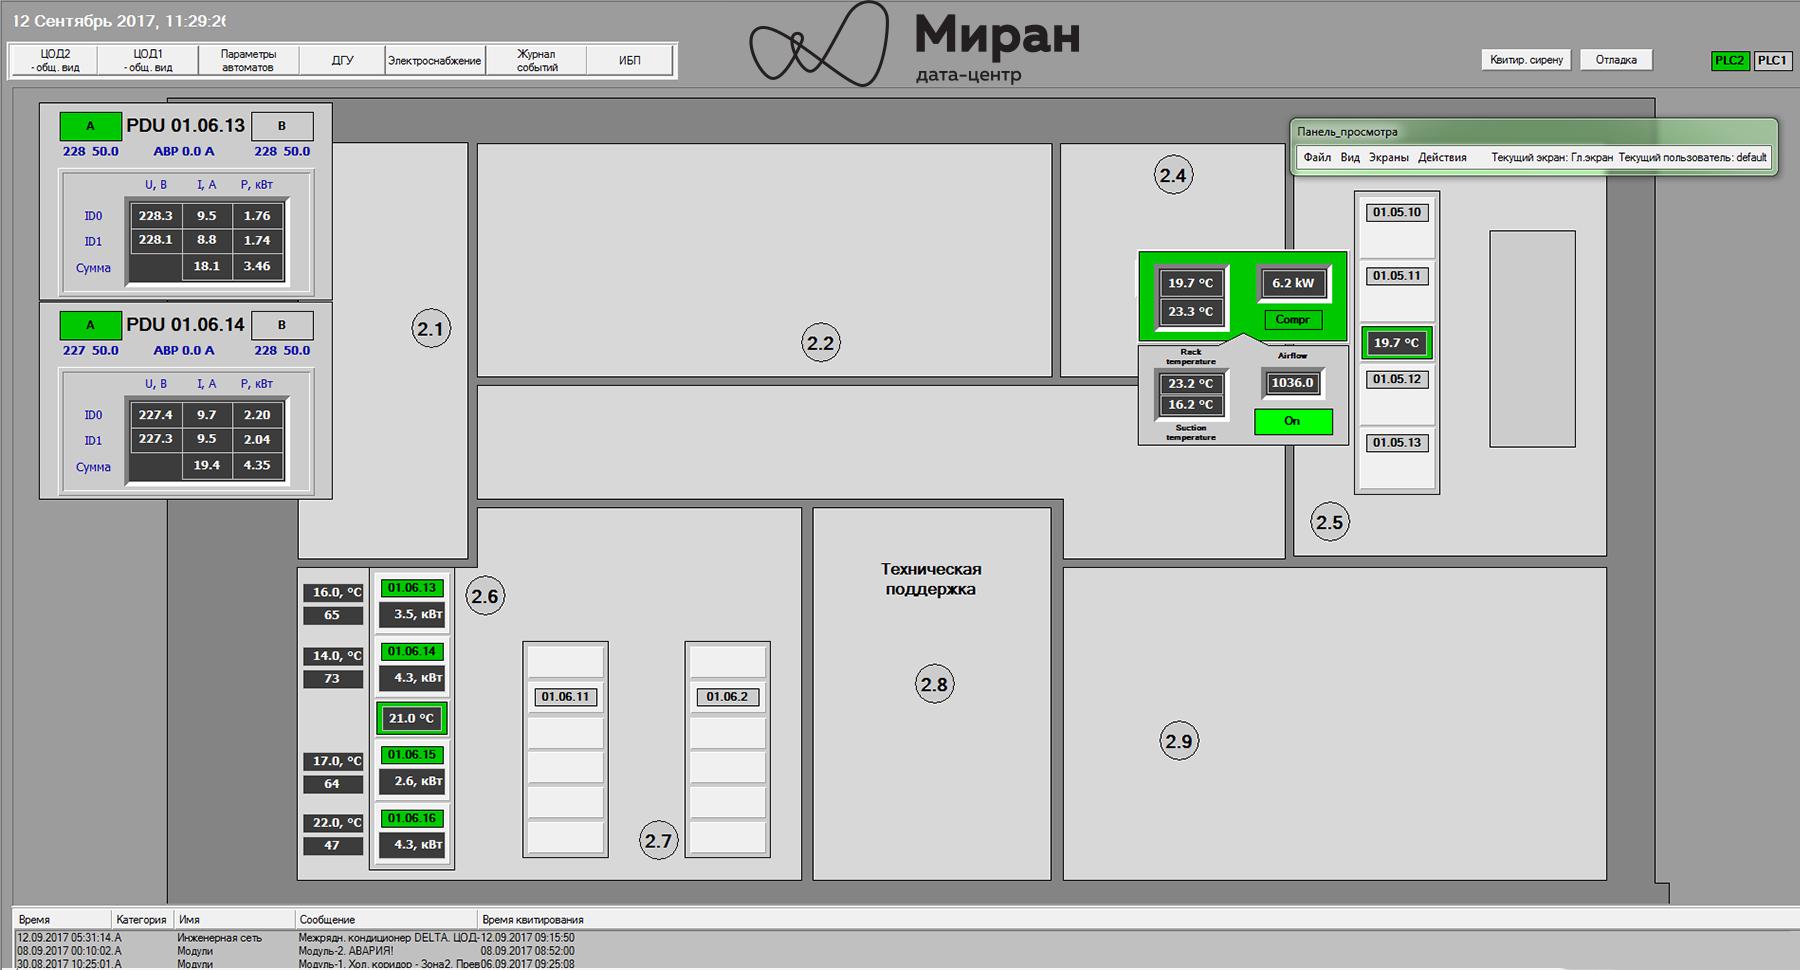 Инженерные системы наших дата-центров и их мониторинг, часть вторая - 7